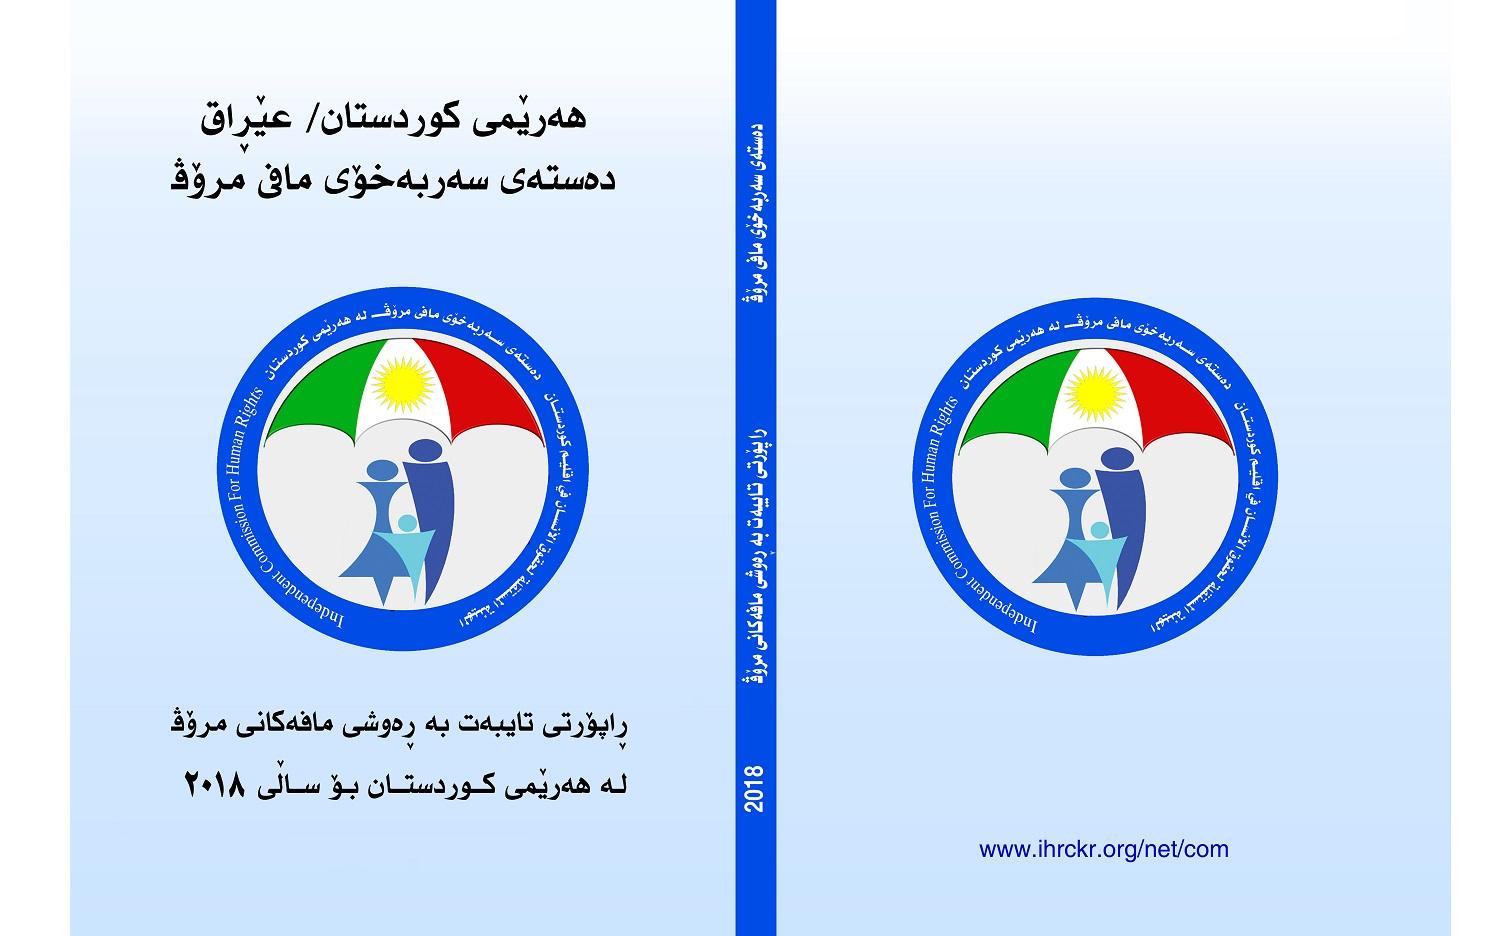 راپۆرتی دهستهی سهربهخۆی مافی مرۆڤ  لهسهر رهوشی مافی مرۆڤ بۆ ساڵی 2018 له ههریمی كوردستان